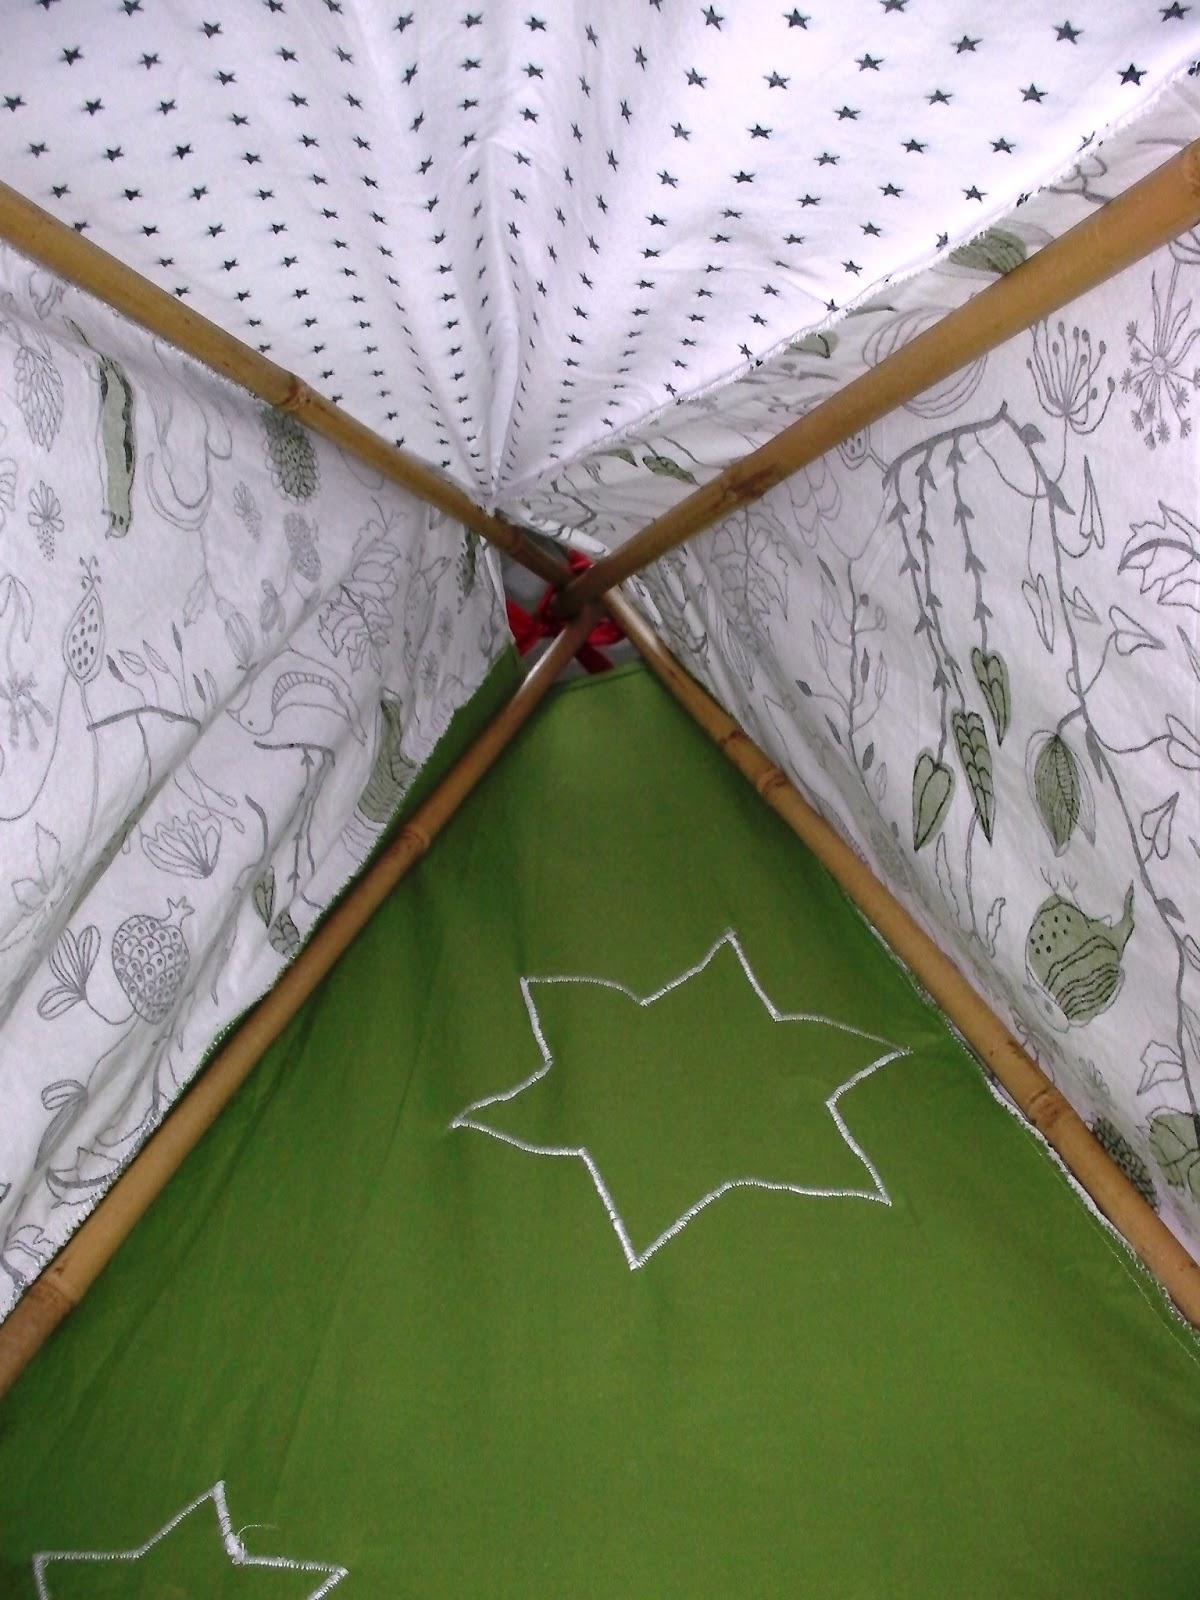 la grenouille a grosse bouche tipi home made. Black Bedroom Furniture Sets. Home Design Ideas